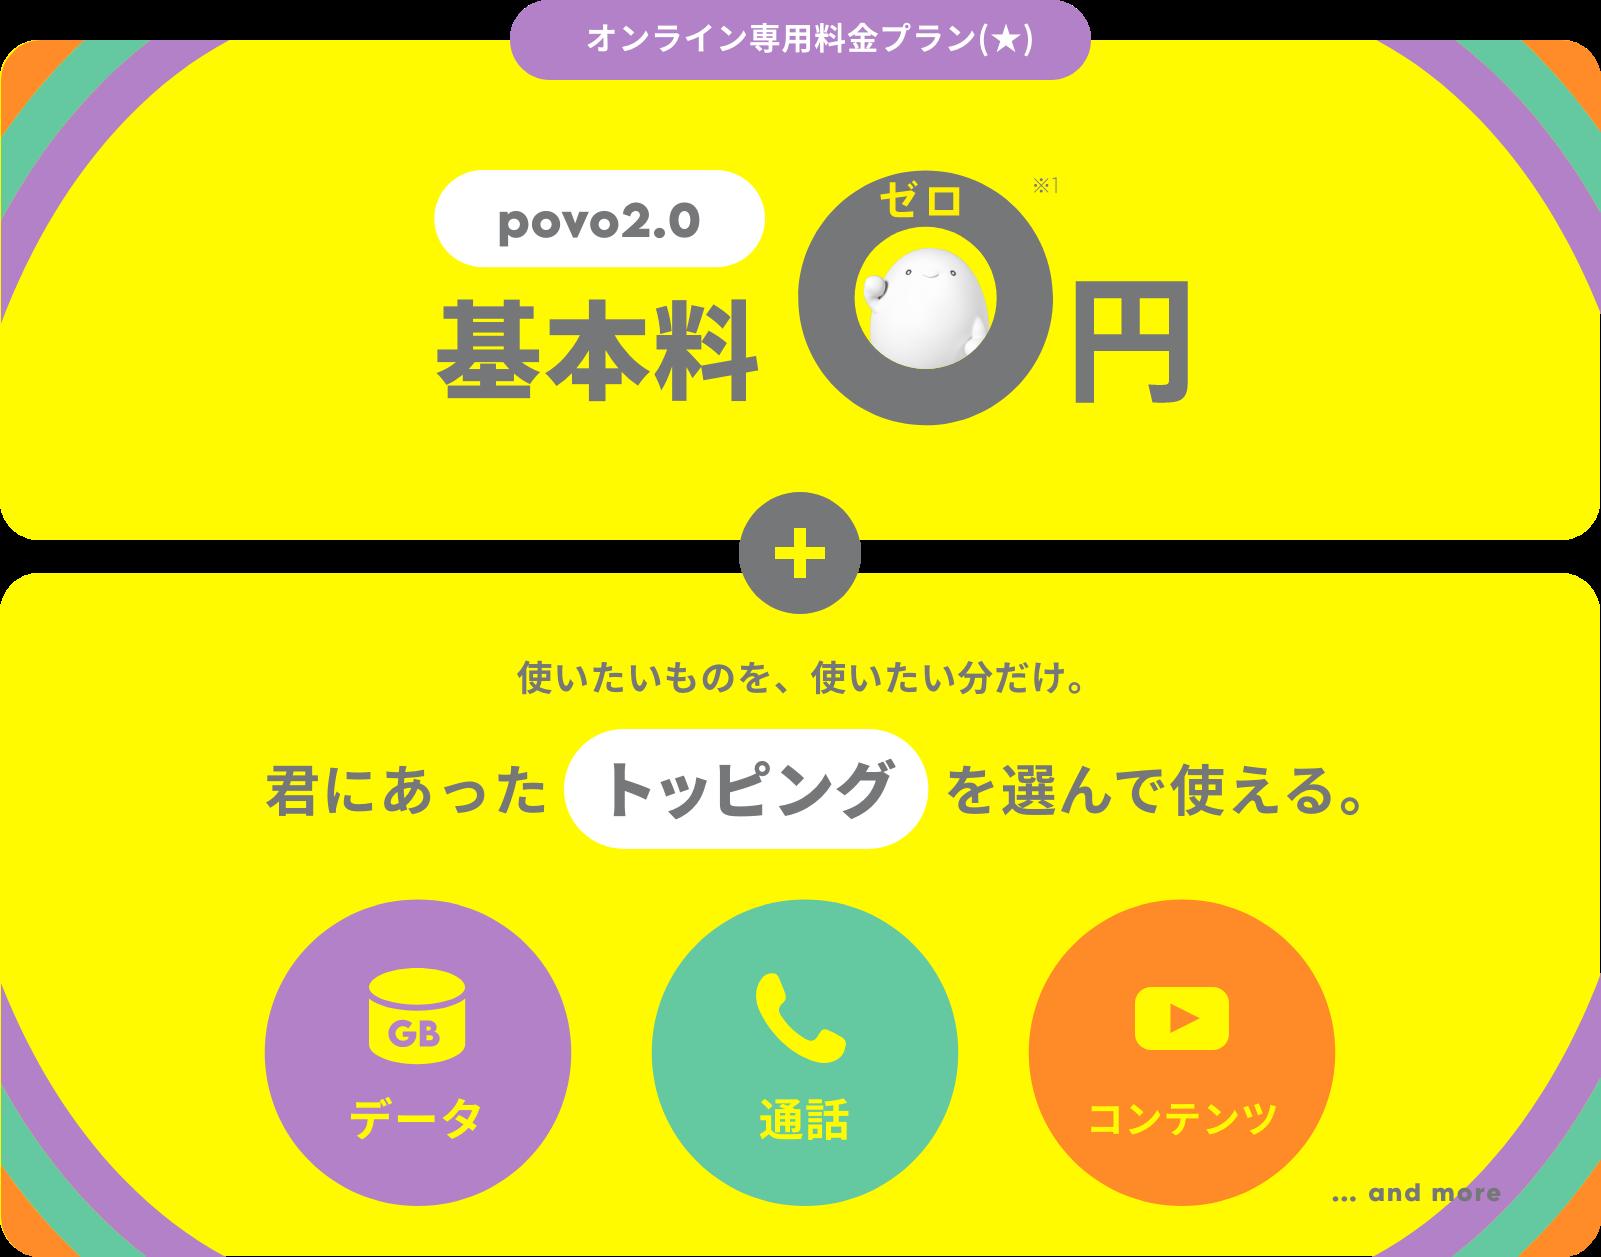 povo2.0の料金